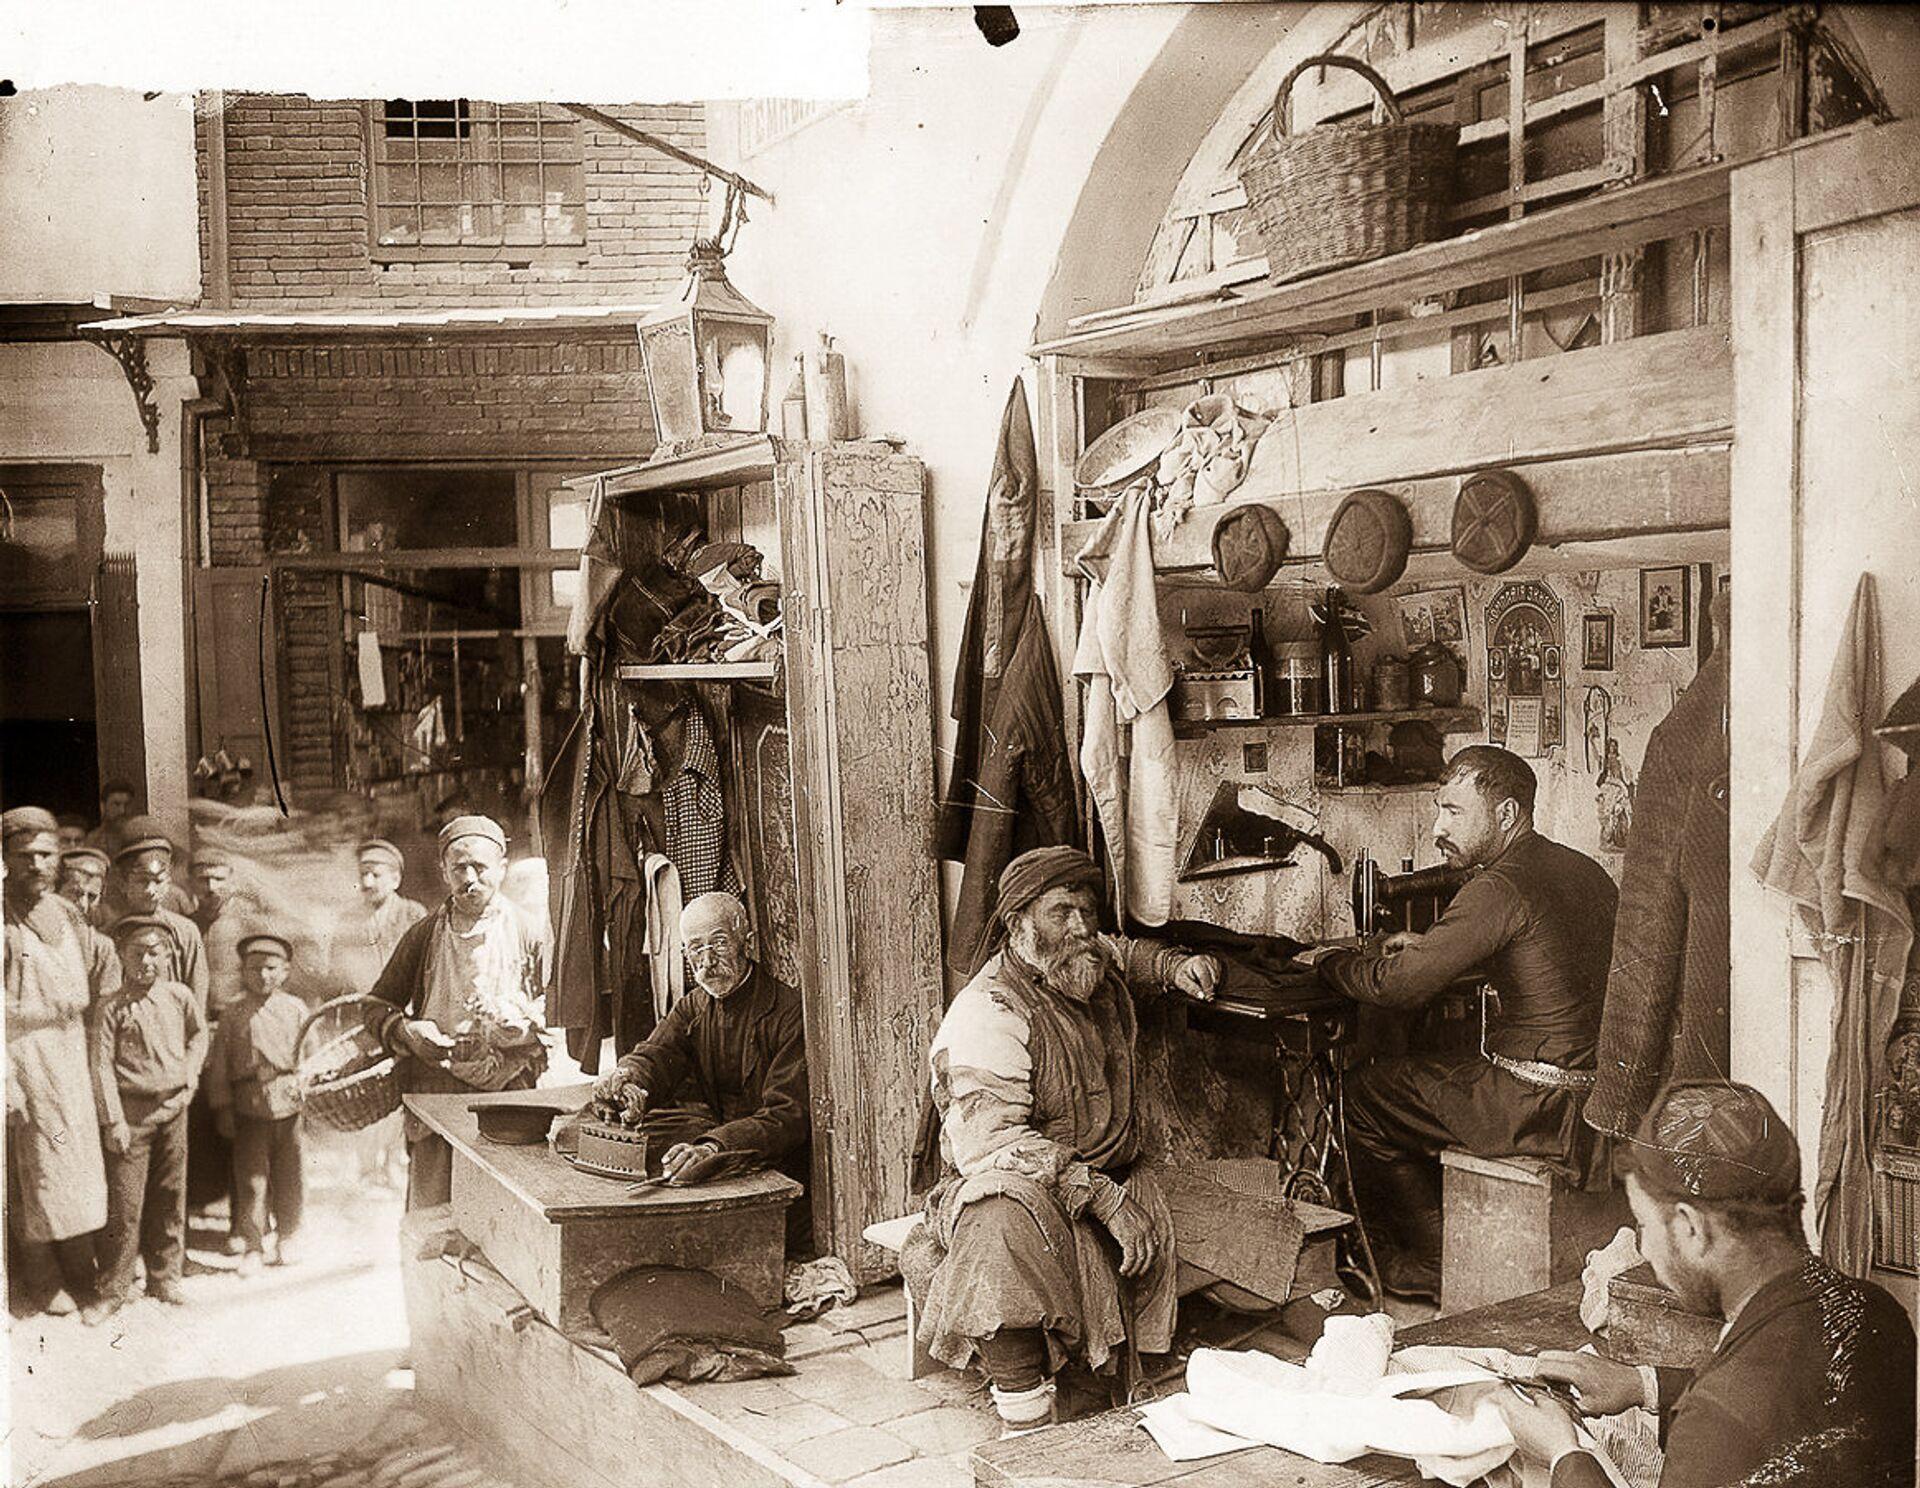 История, которая может стать кинохитом, или Тифлисская сага о борьбе за равноправие  - Sputnik Грузия, 1920, 26.02.2021